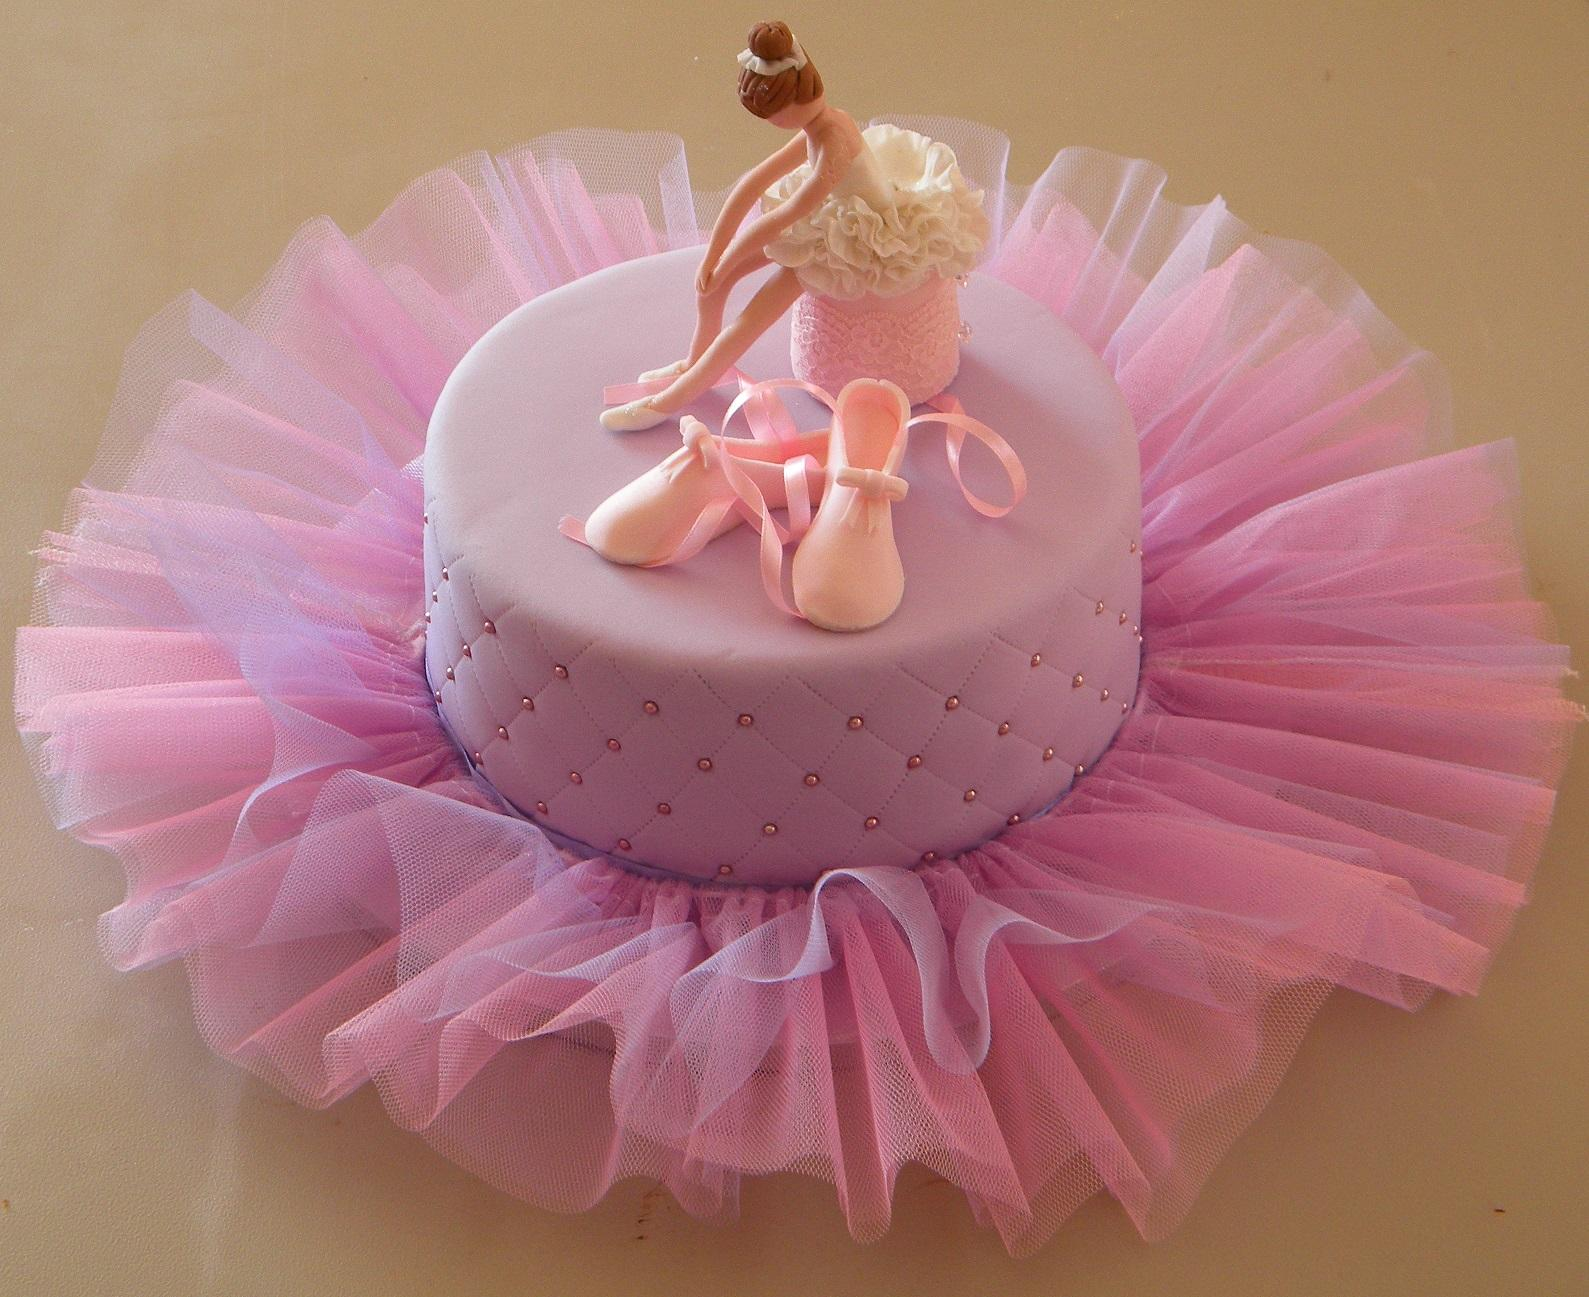 тут фото с днем рождения танцовщице что поделать